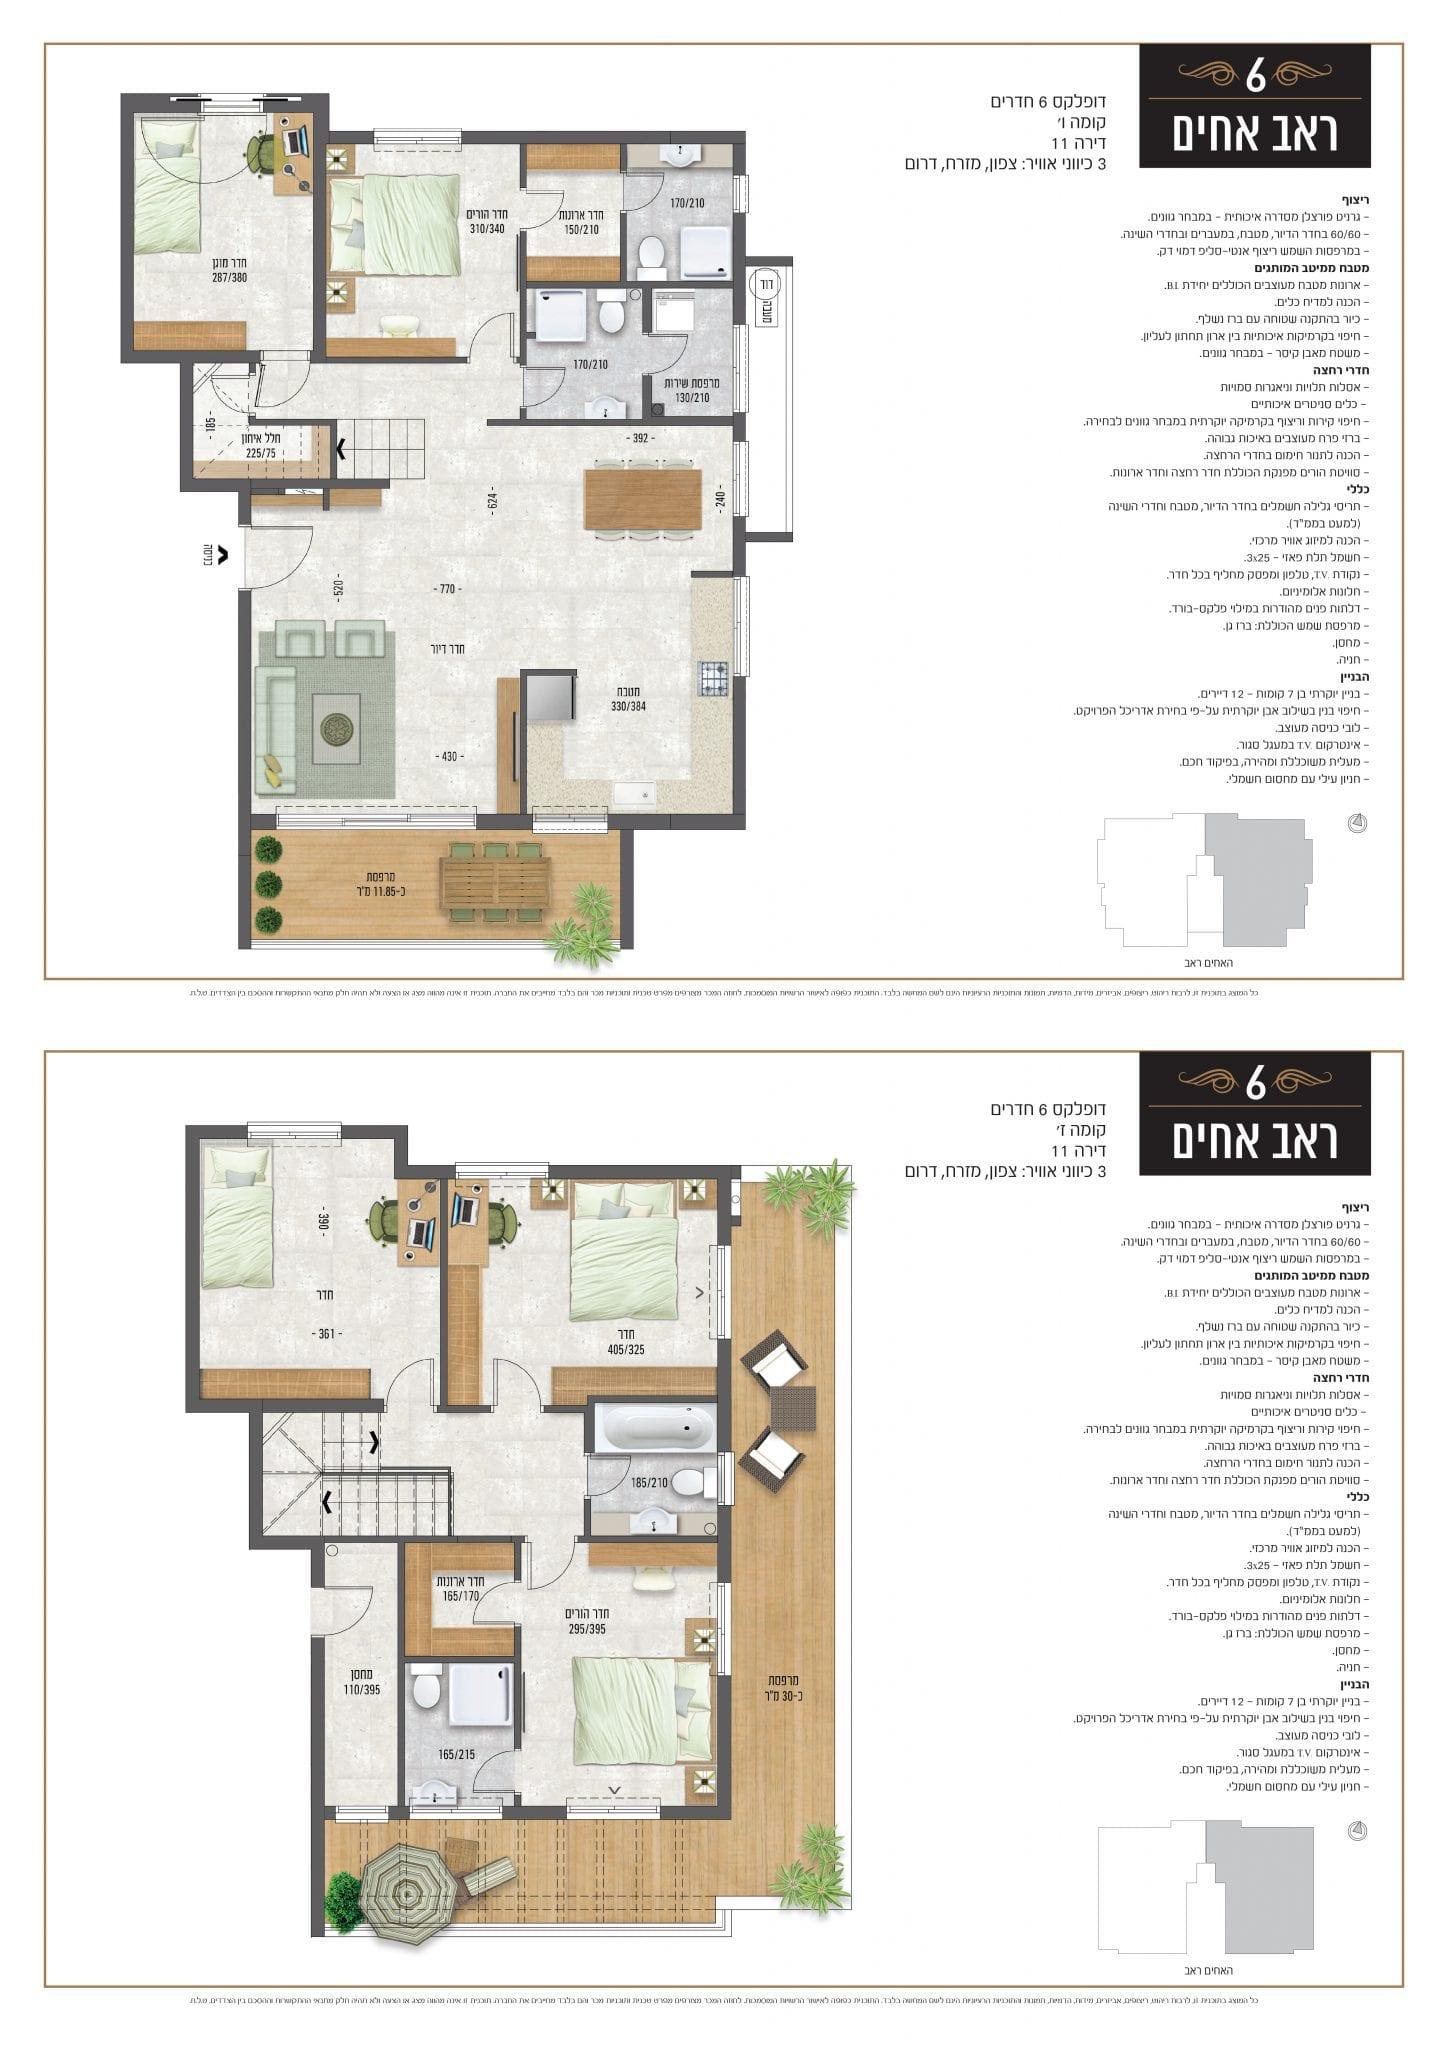 דופלקס 6 חדרים מספר 11 קומות 6-7